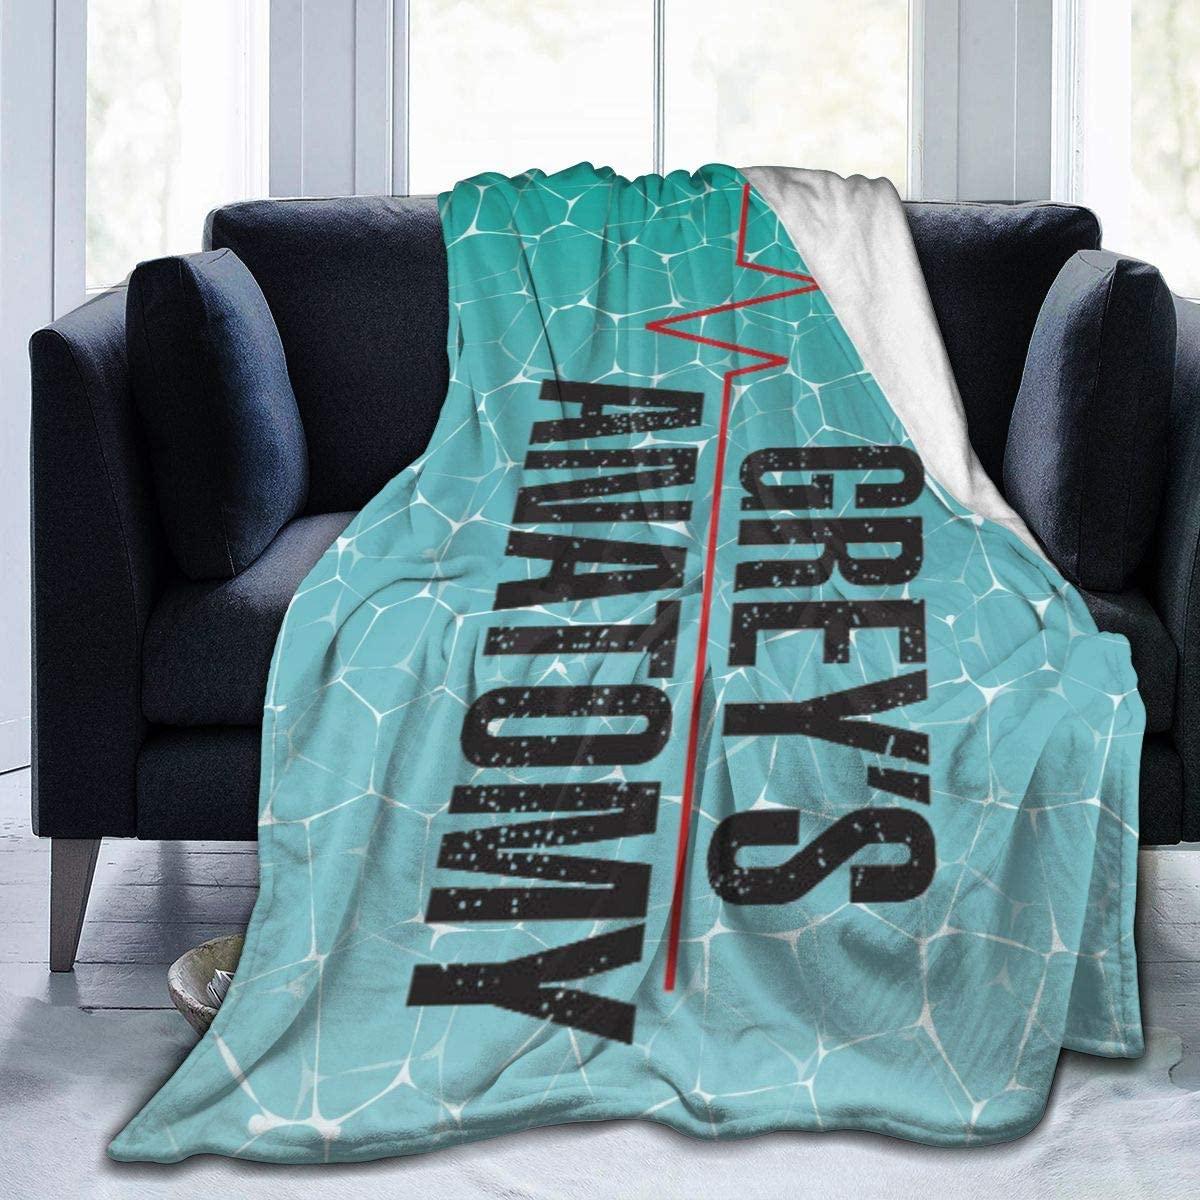 بطانية أريكة السفر اليوغا التخييم نزهة سينما الأسرة الشاطئ ل رياض الأطفال الكبار 50X40 الفاخرة الفانيلا بطانية سرير